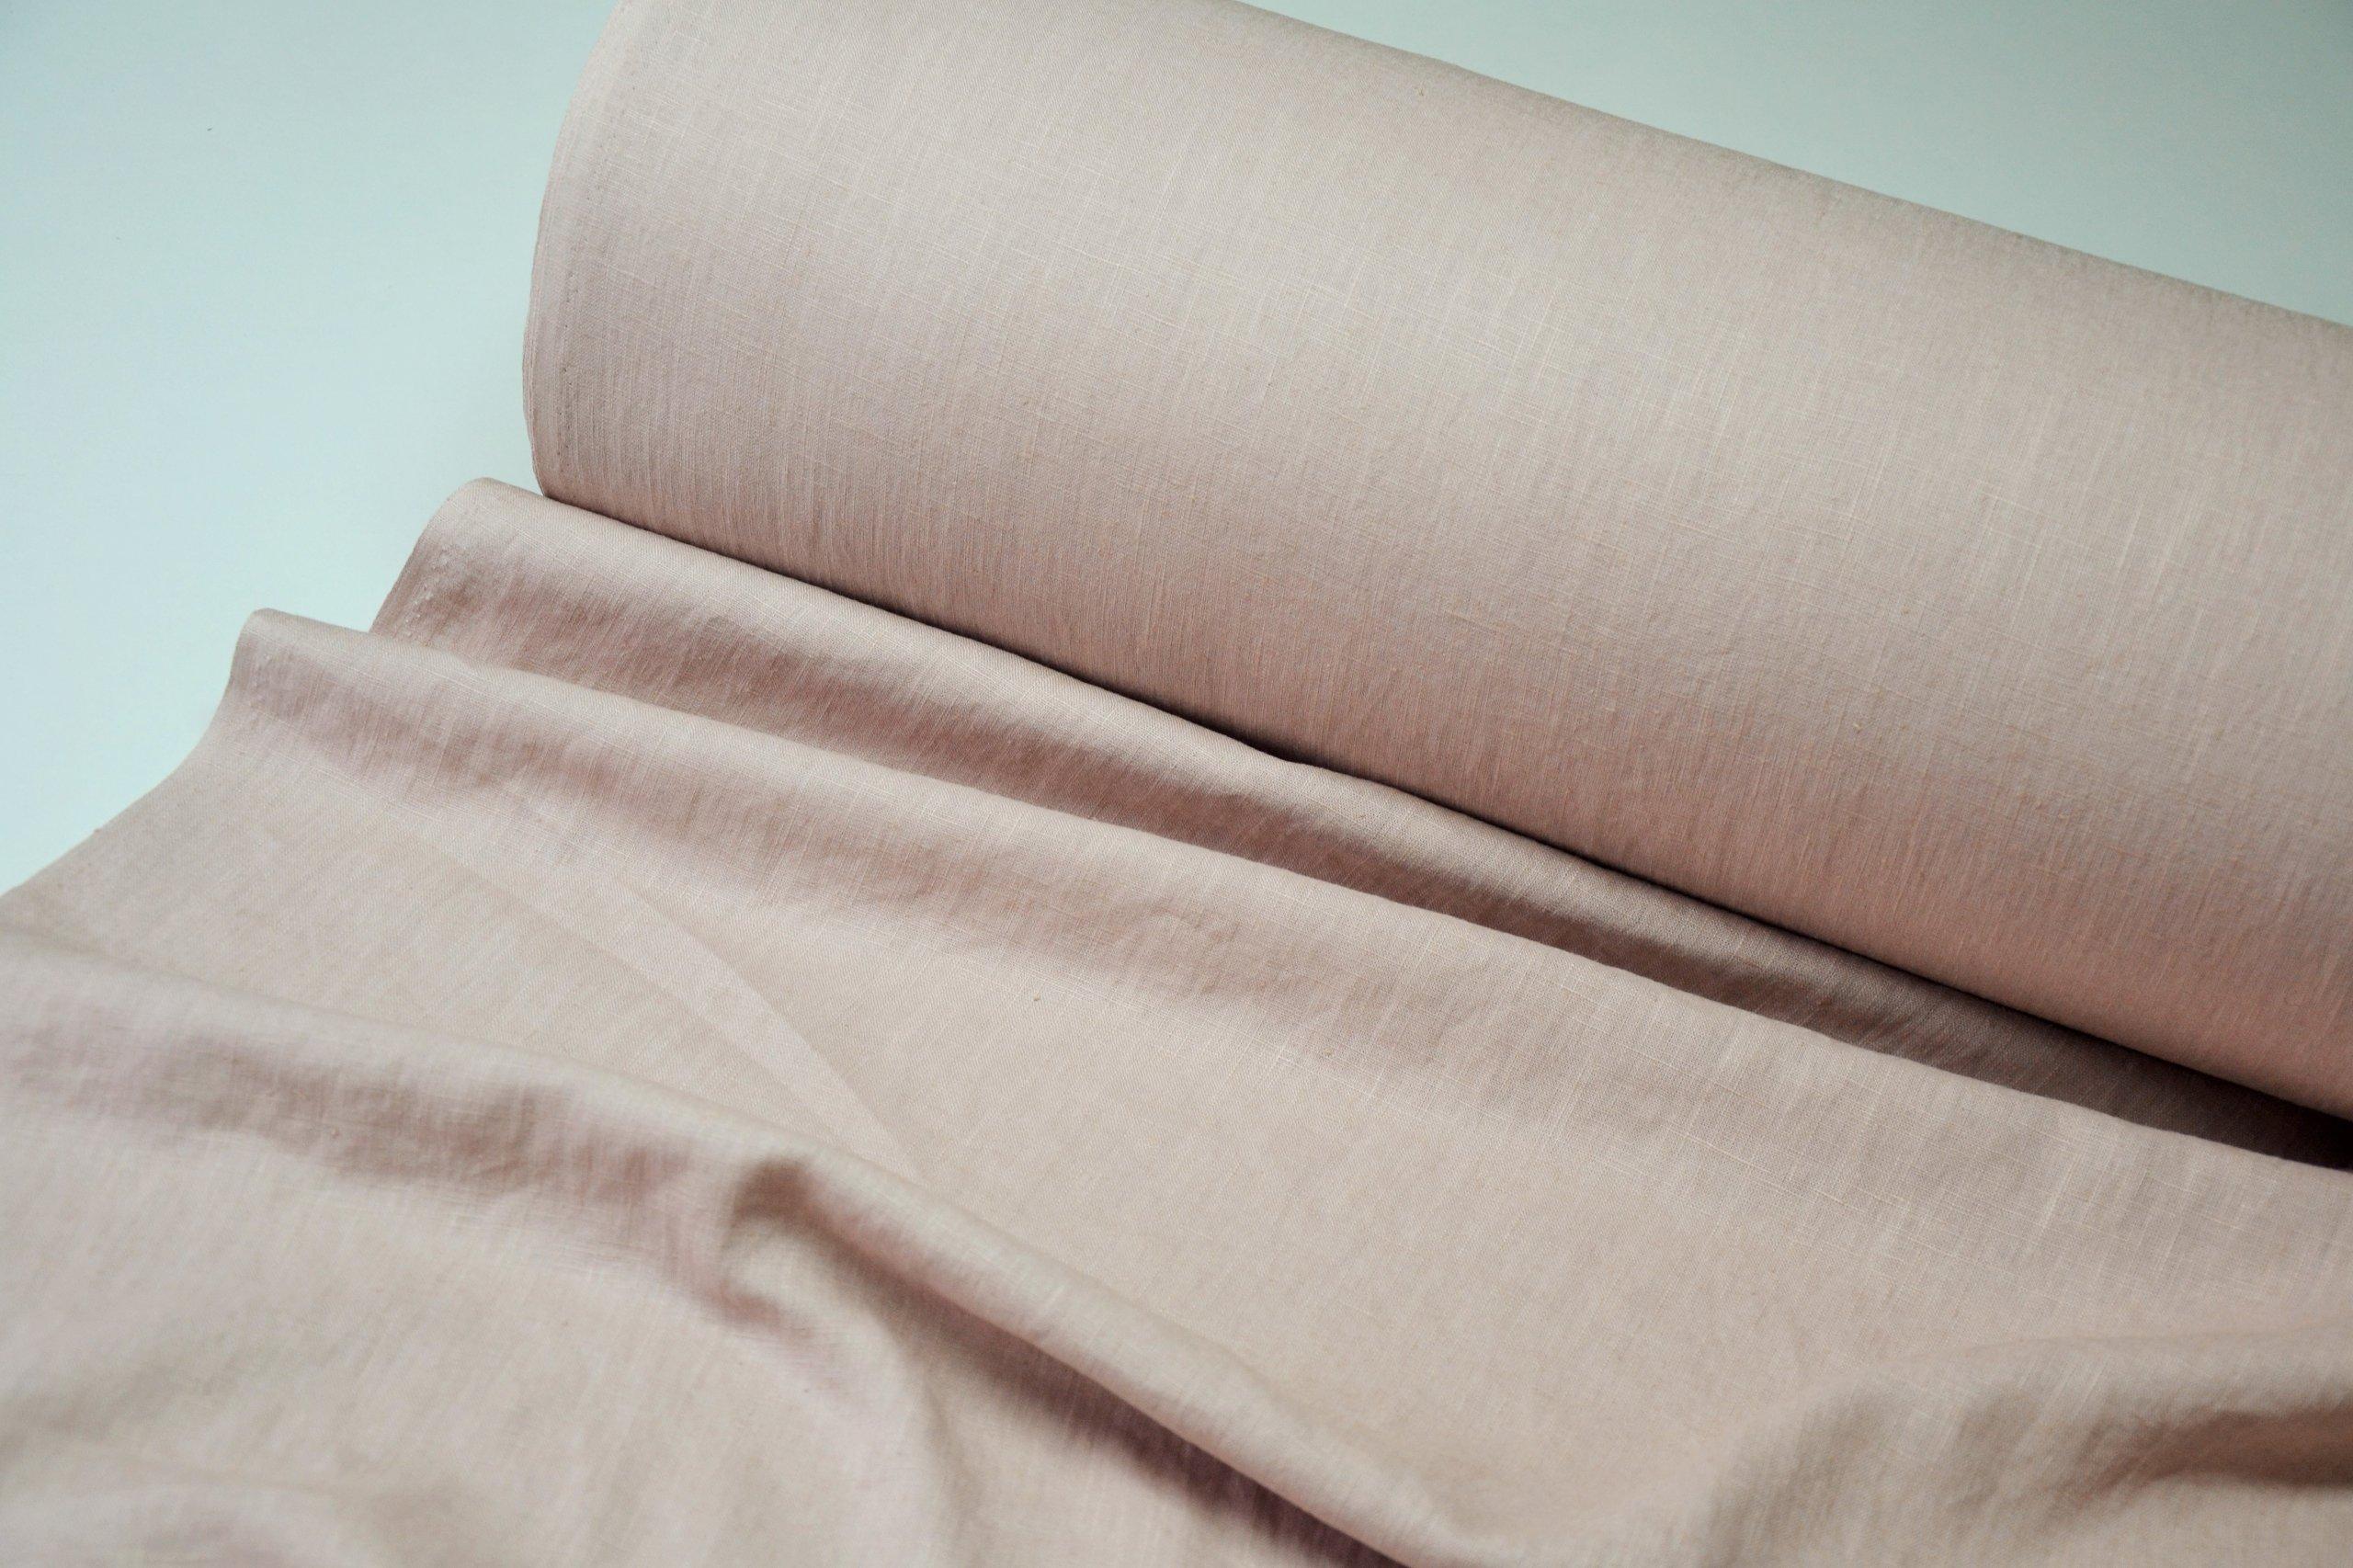 e4544c0db7 LEN 100% koszulowy pościelowy BRUDNY róż k.38 3 - 7216508196 ...